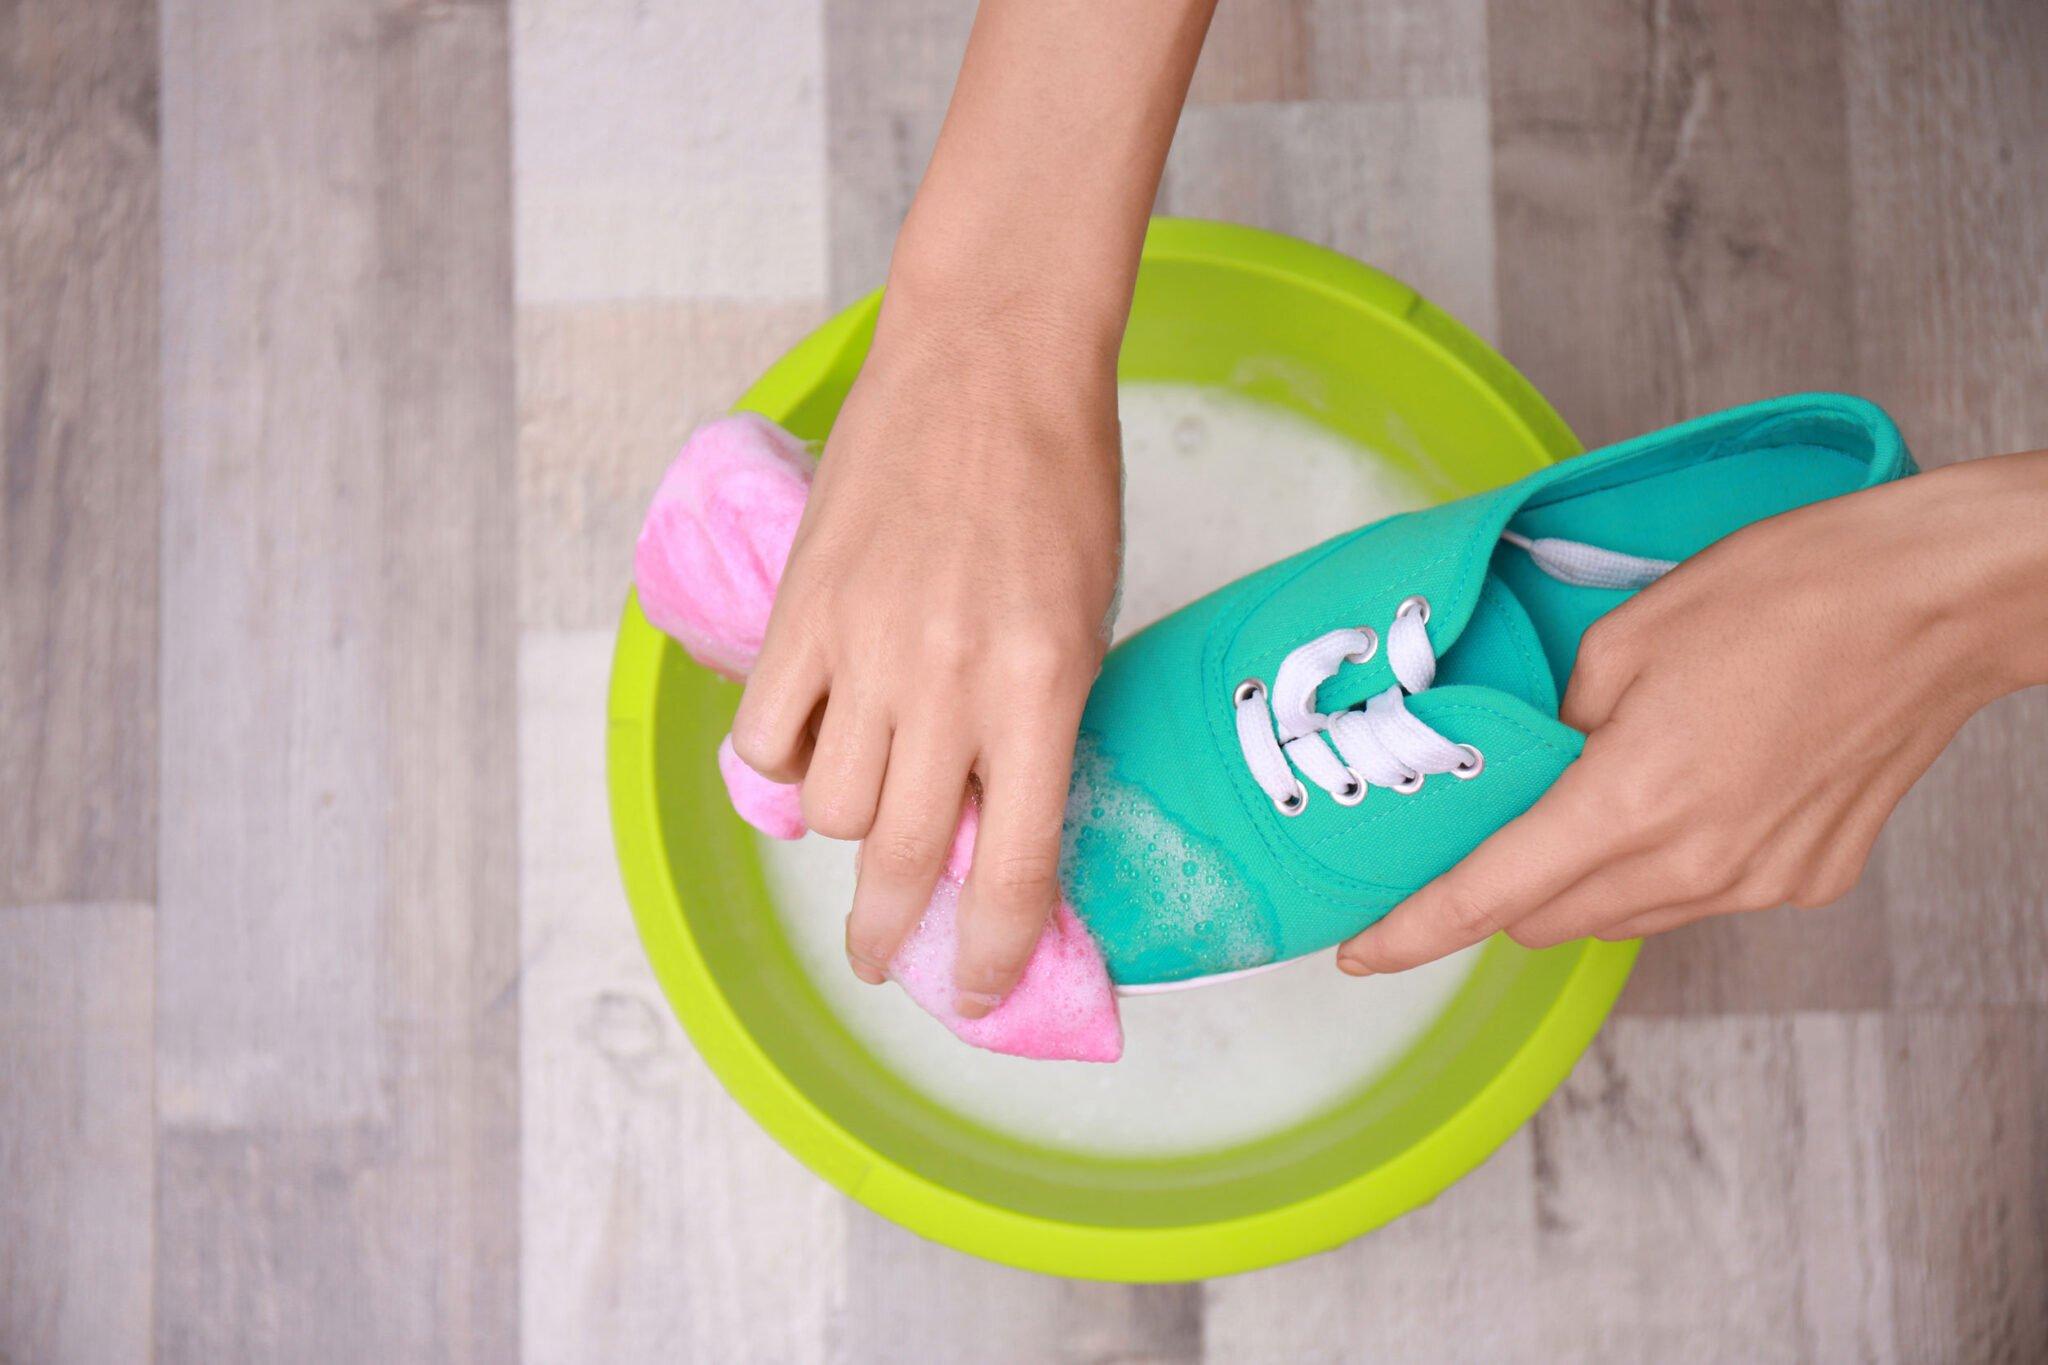 Tips schoenen schoonmaken en onderhouden - Mamaliefde.nl